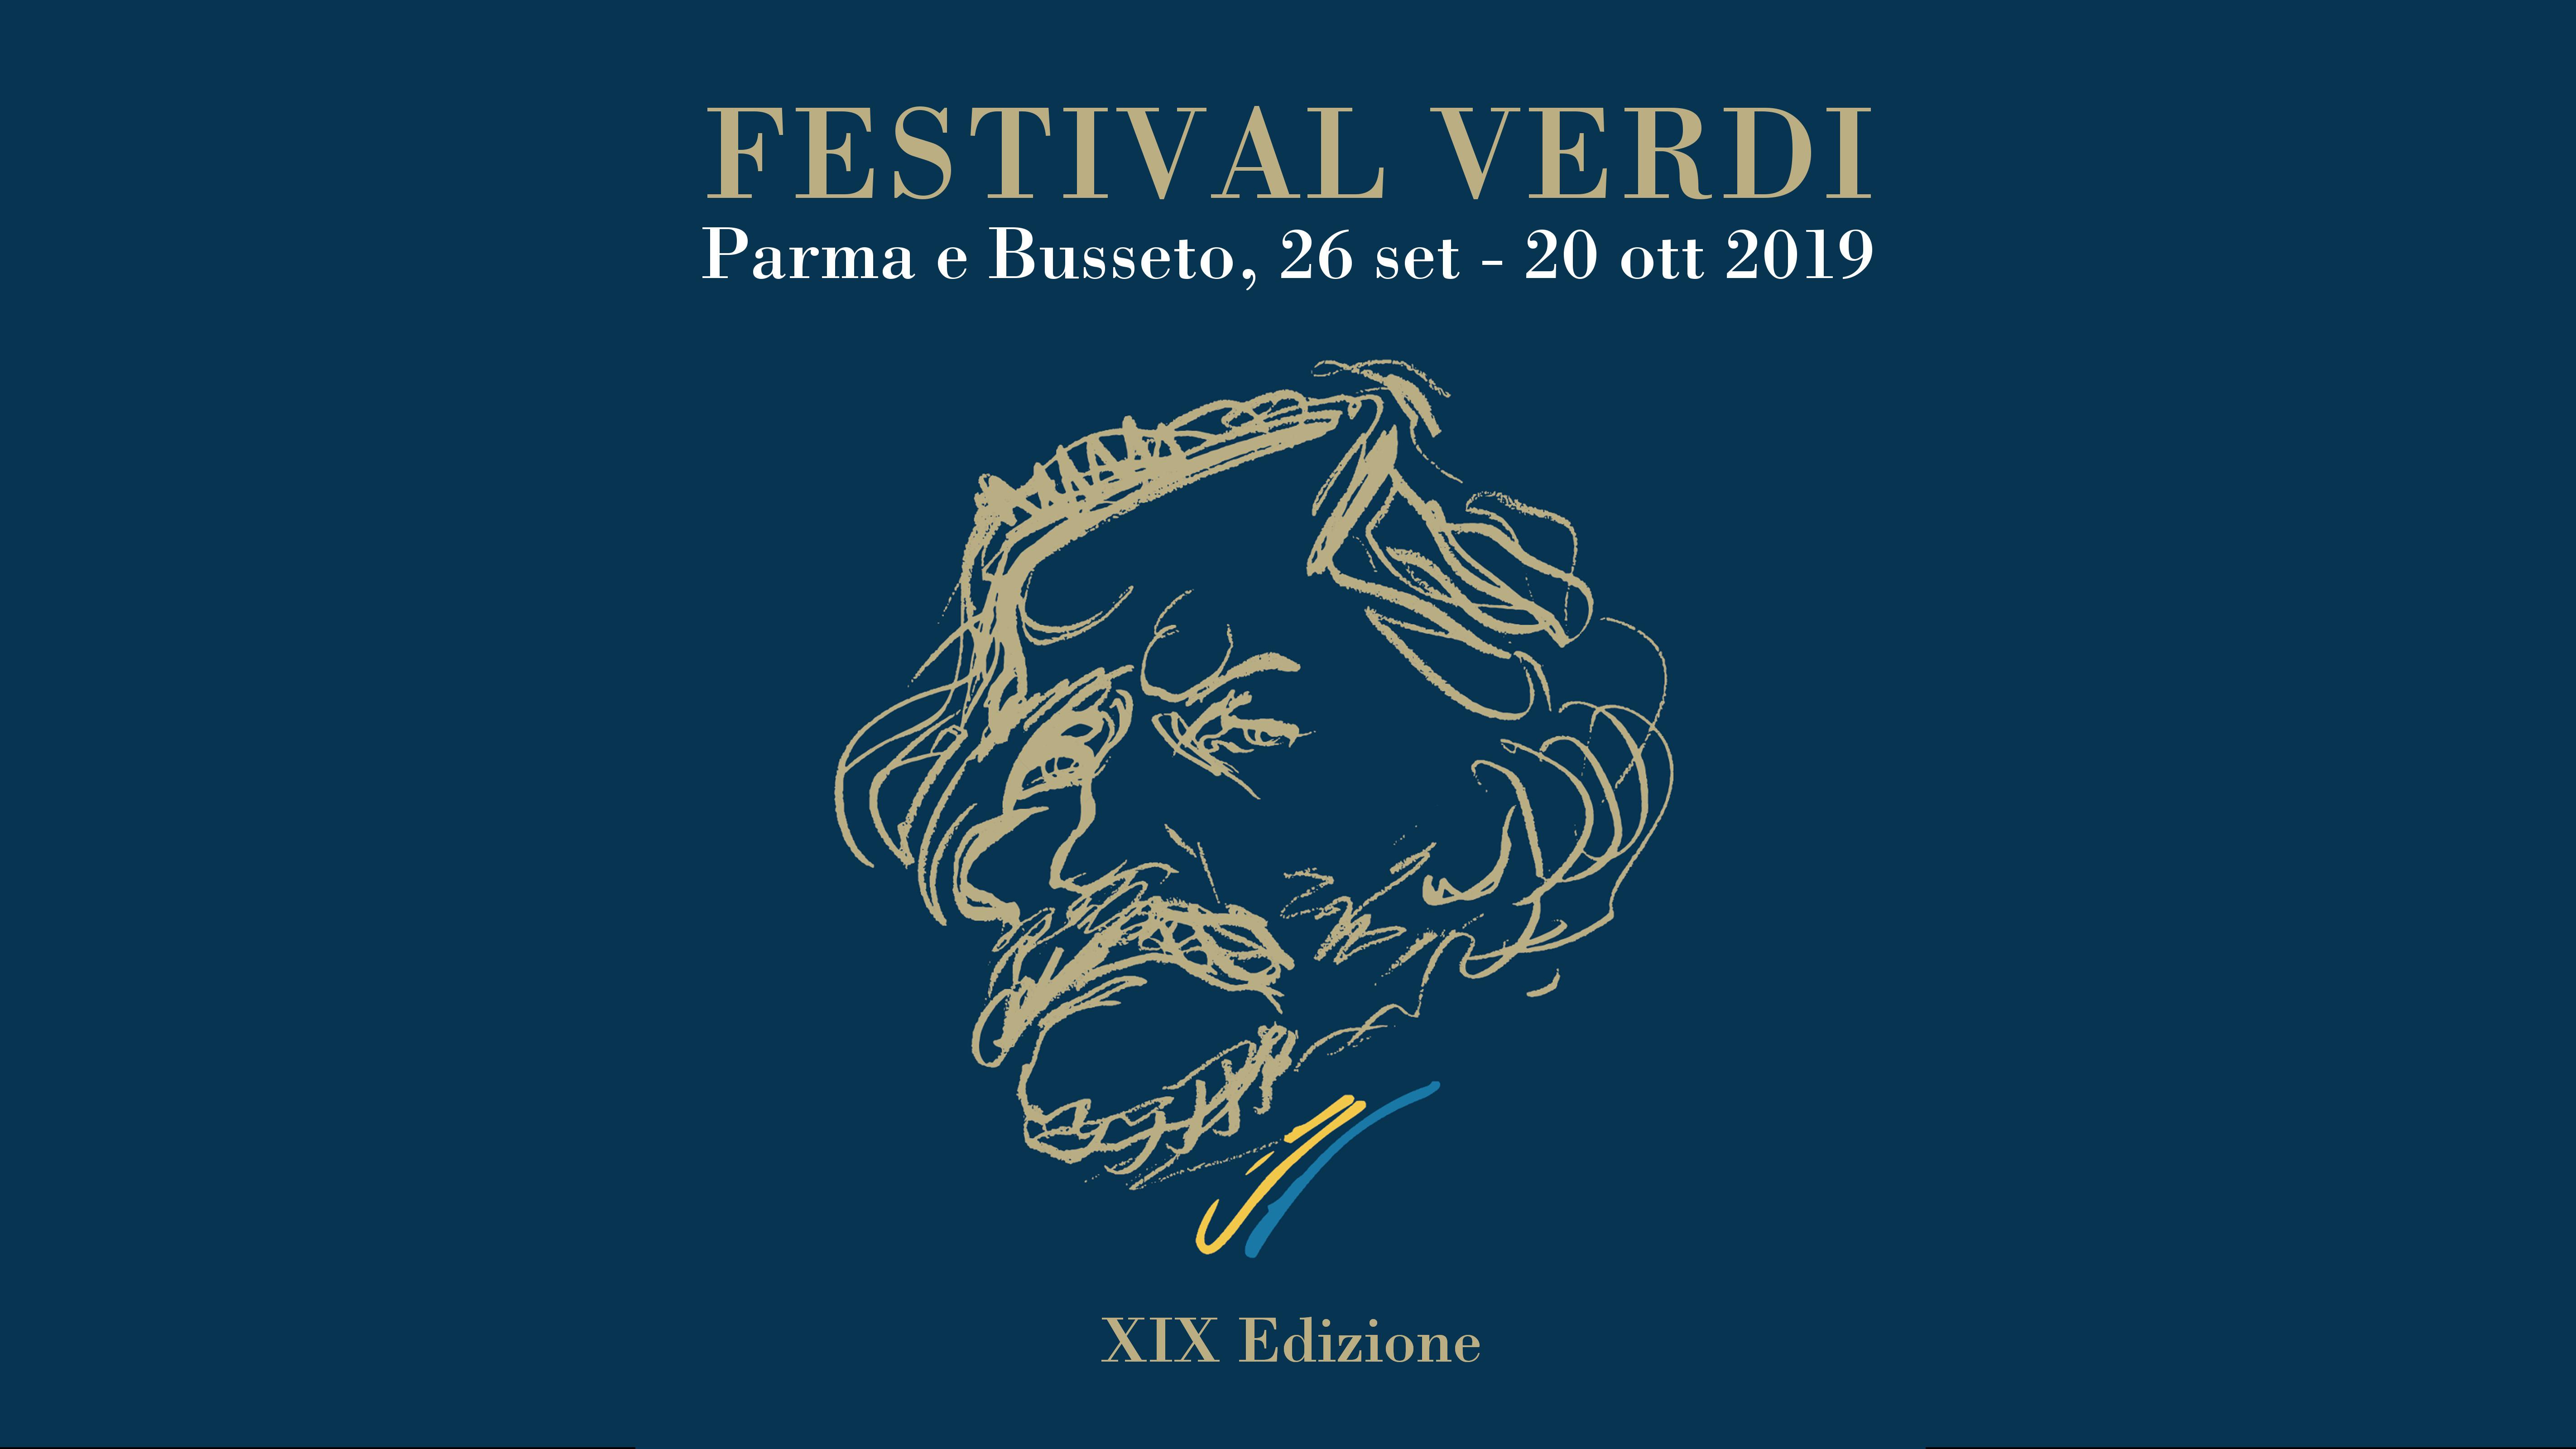 PRESENTAZIONE FESTIVAL VERDI 2019